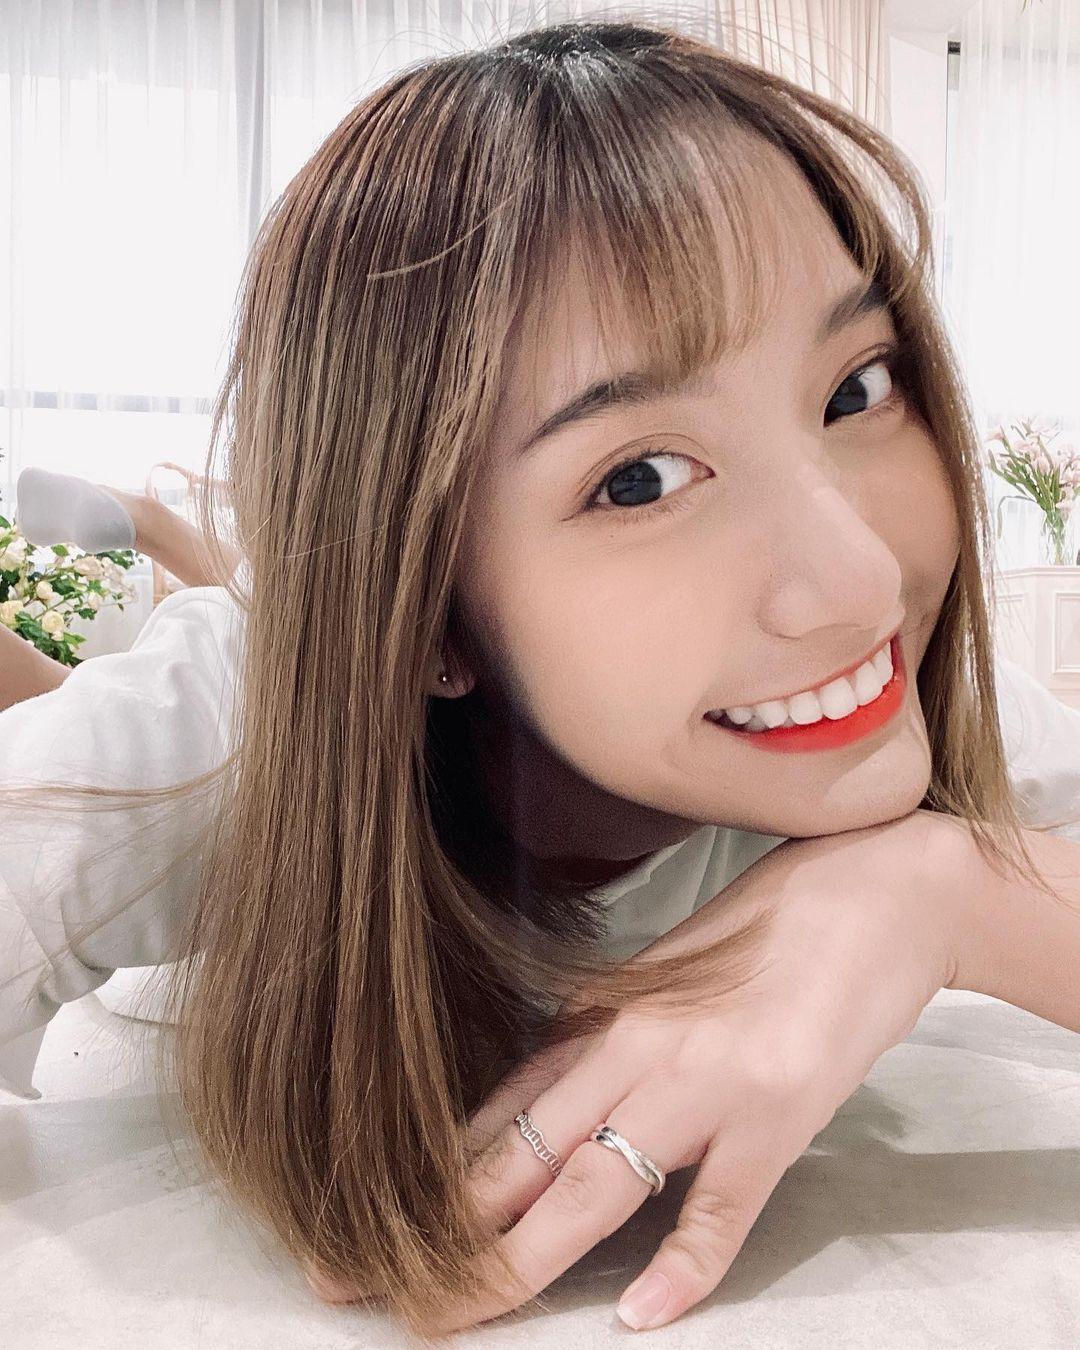 高雄小港高中18岁清纯学生妹,短发俏丽笑容甜美,个人IG好几万人追踪 养眼图片 第9张